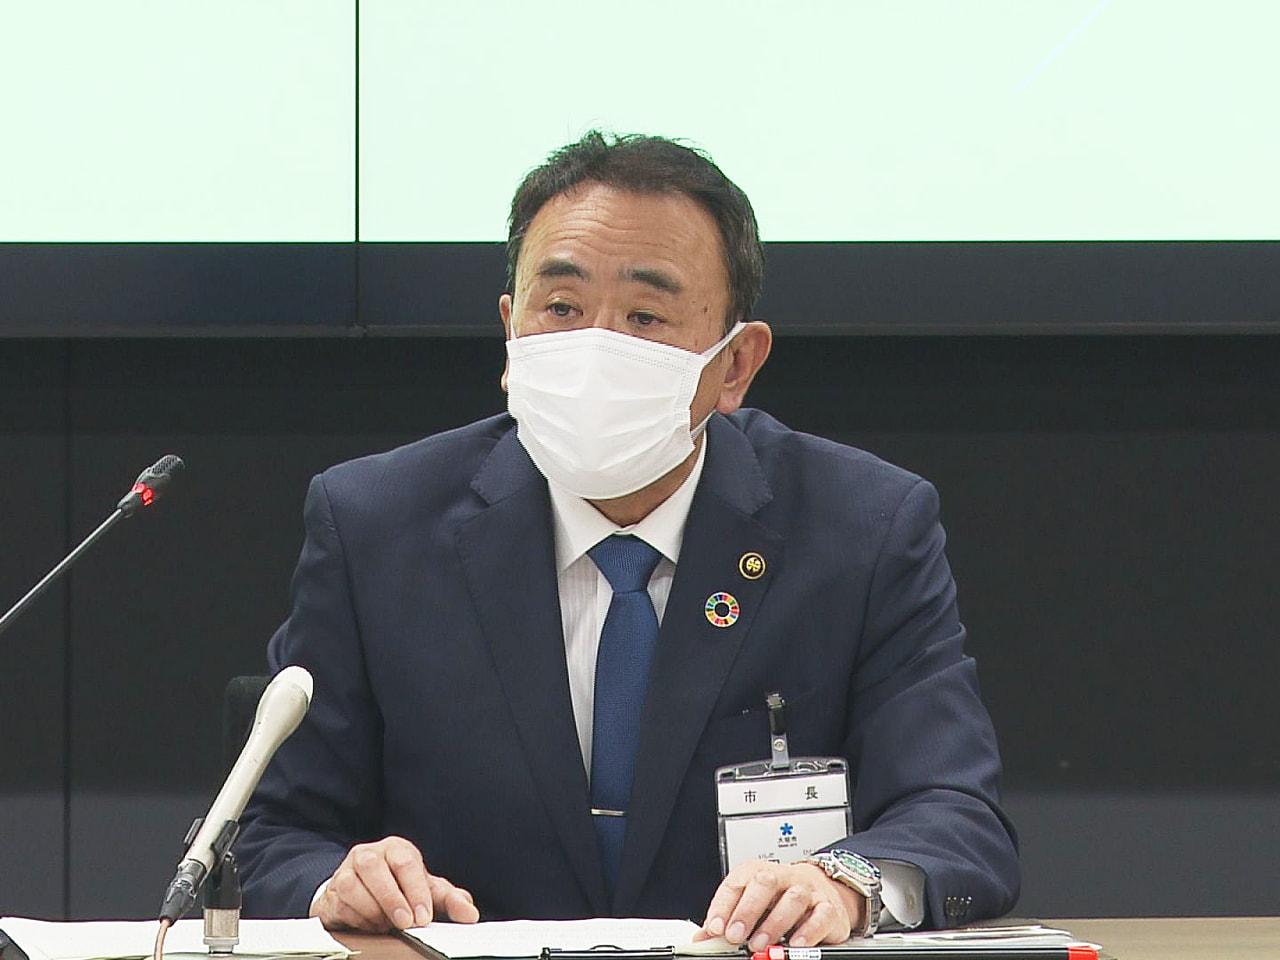 岐阜県大垣市の石田仁市長は20日、就任1カ月の会見を開き、子育て日本一の市政を継...